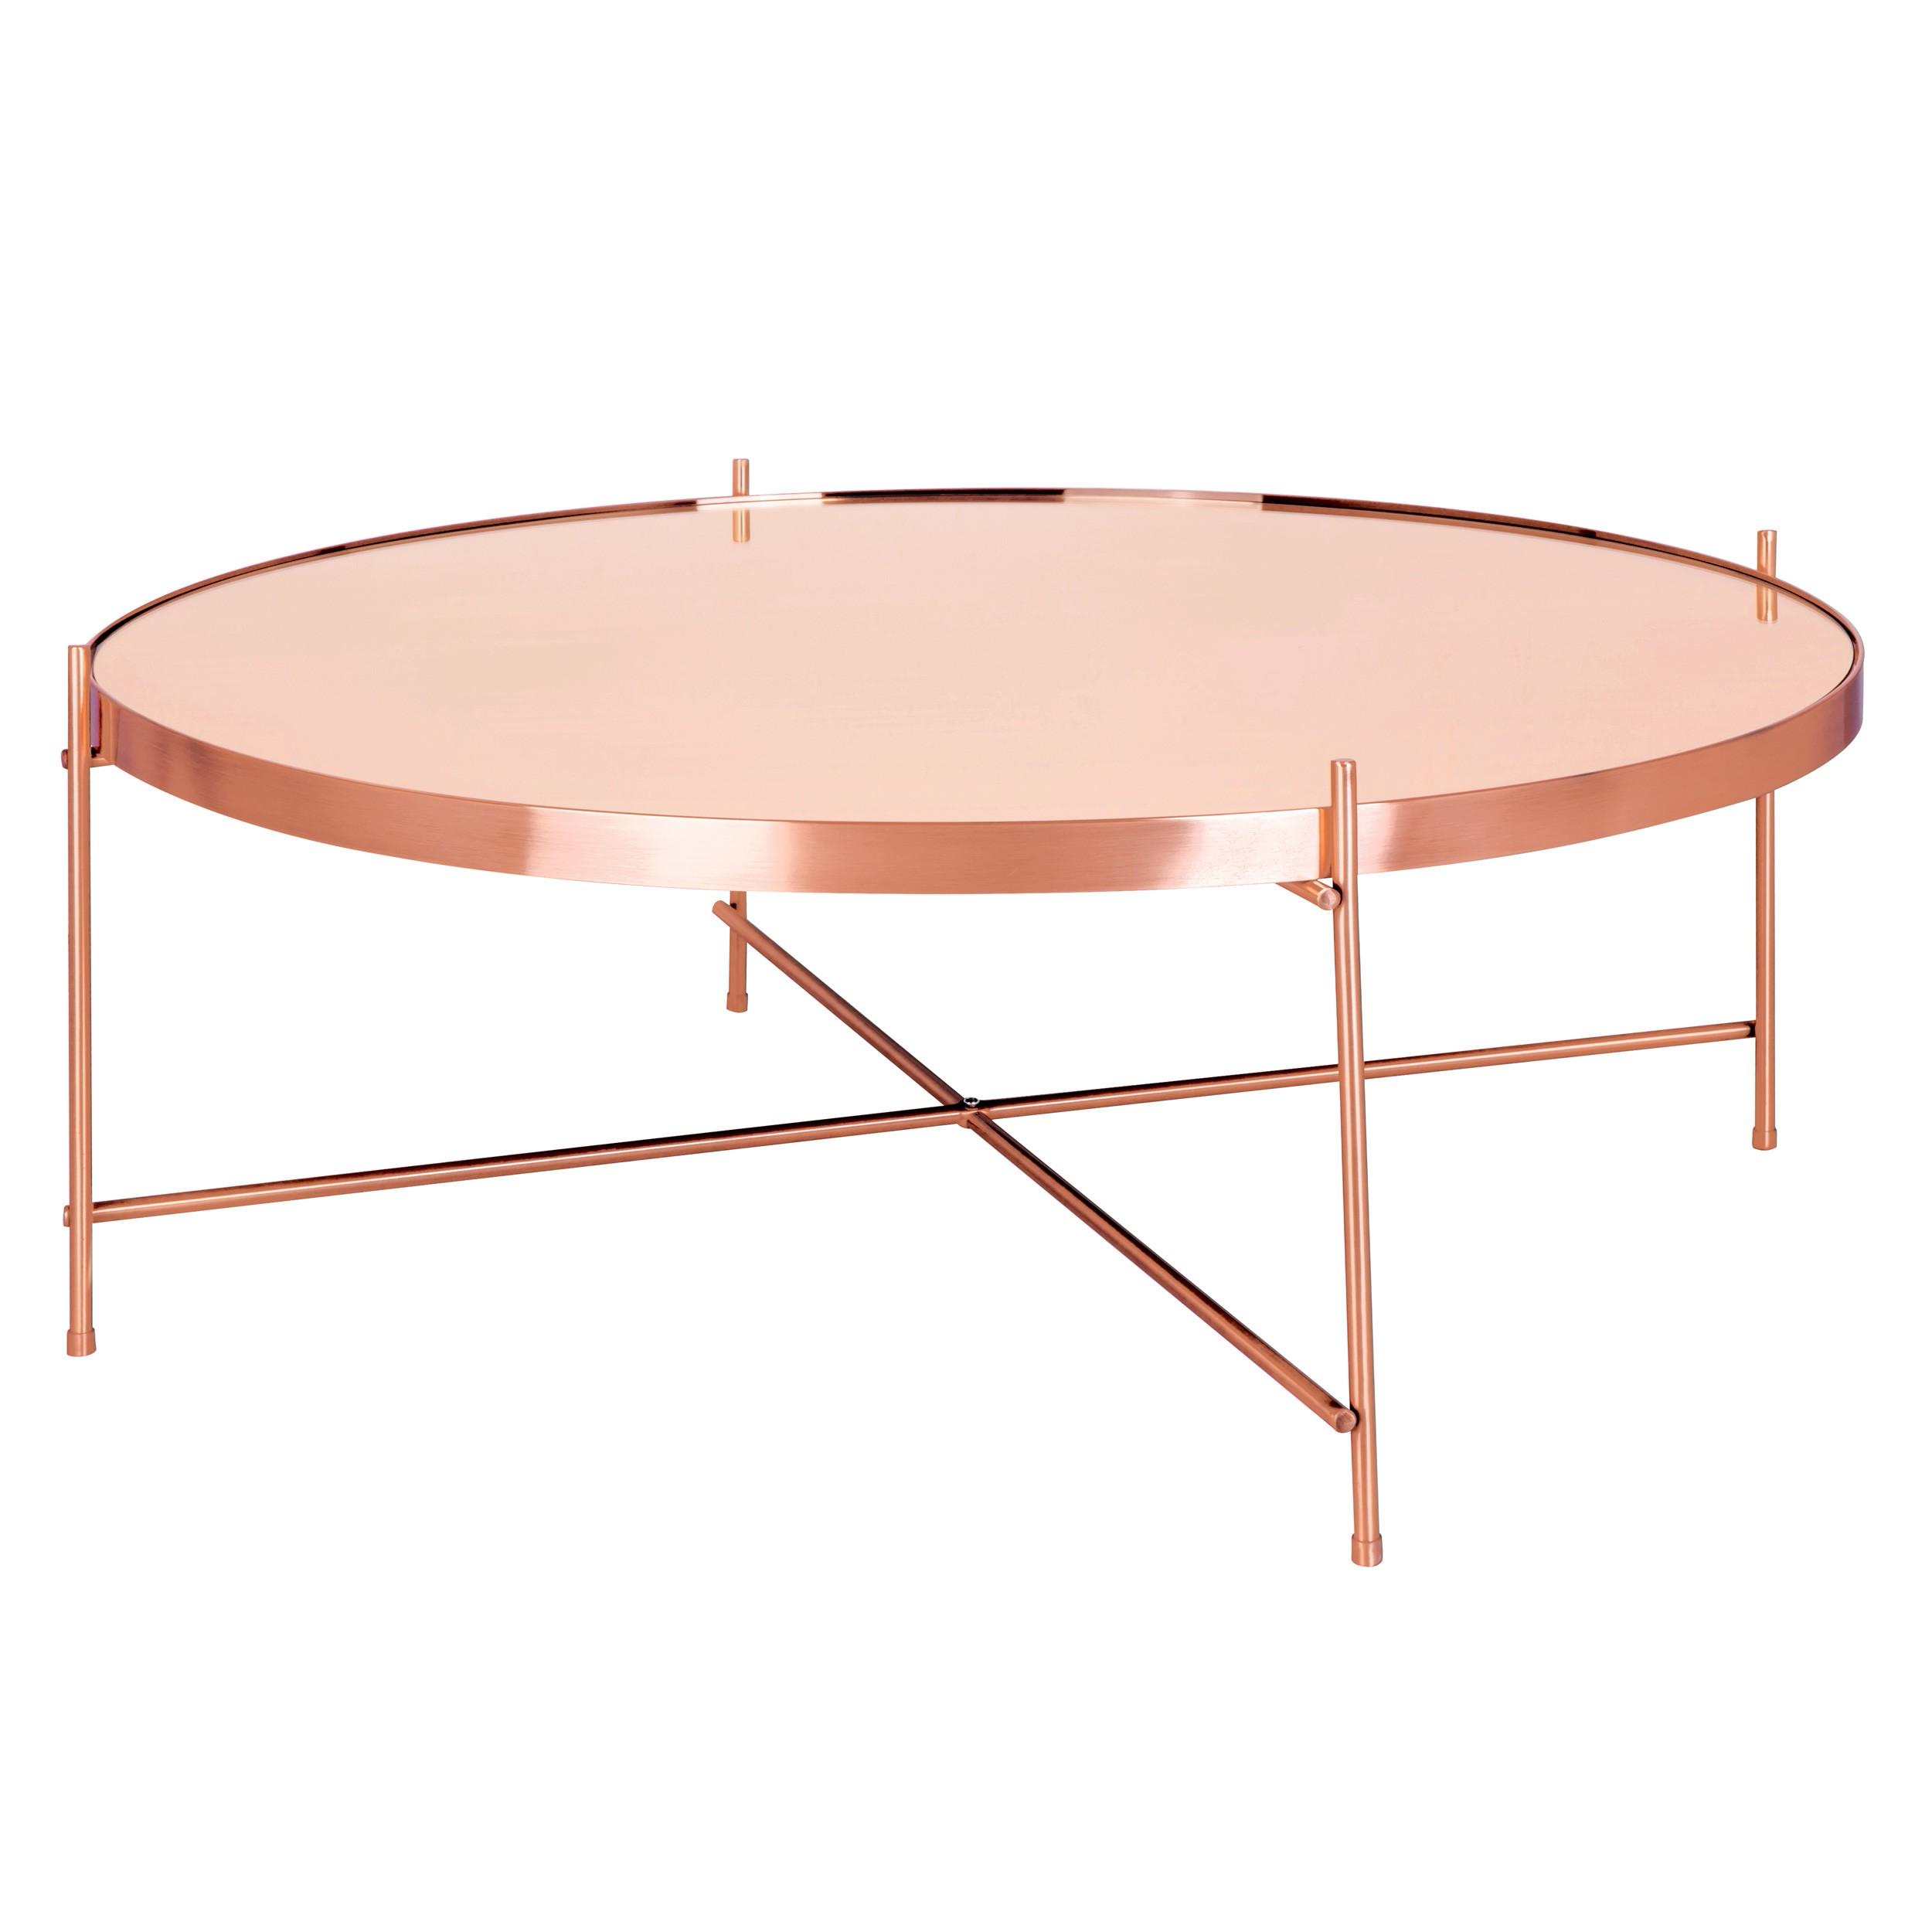 table basse en m tal valdo cuivre l adoptez nos tables basses en m tal valdo cuivre l rdv d co. Black Bedroom Furniture Sets. Home Design Ideas